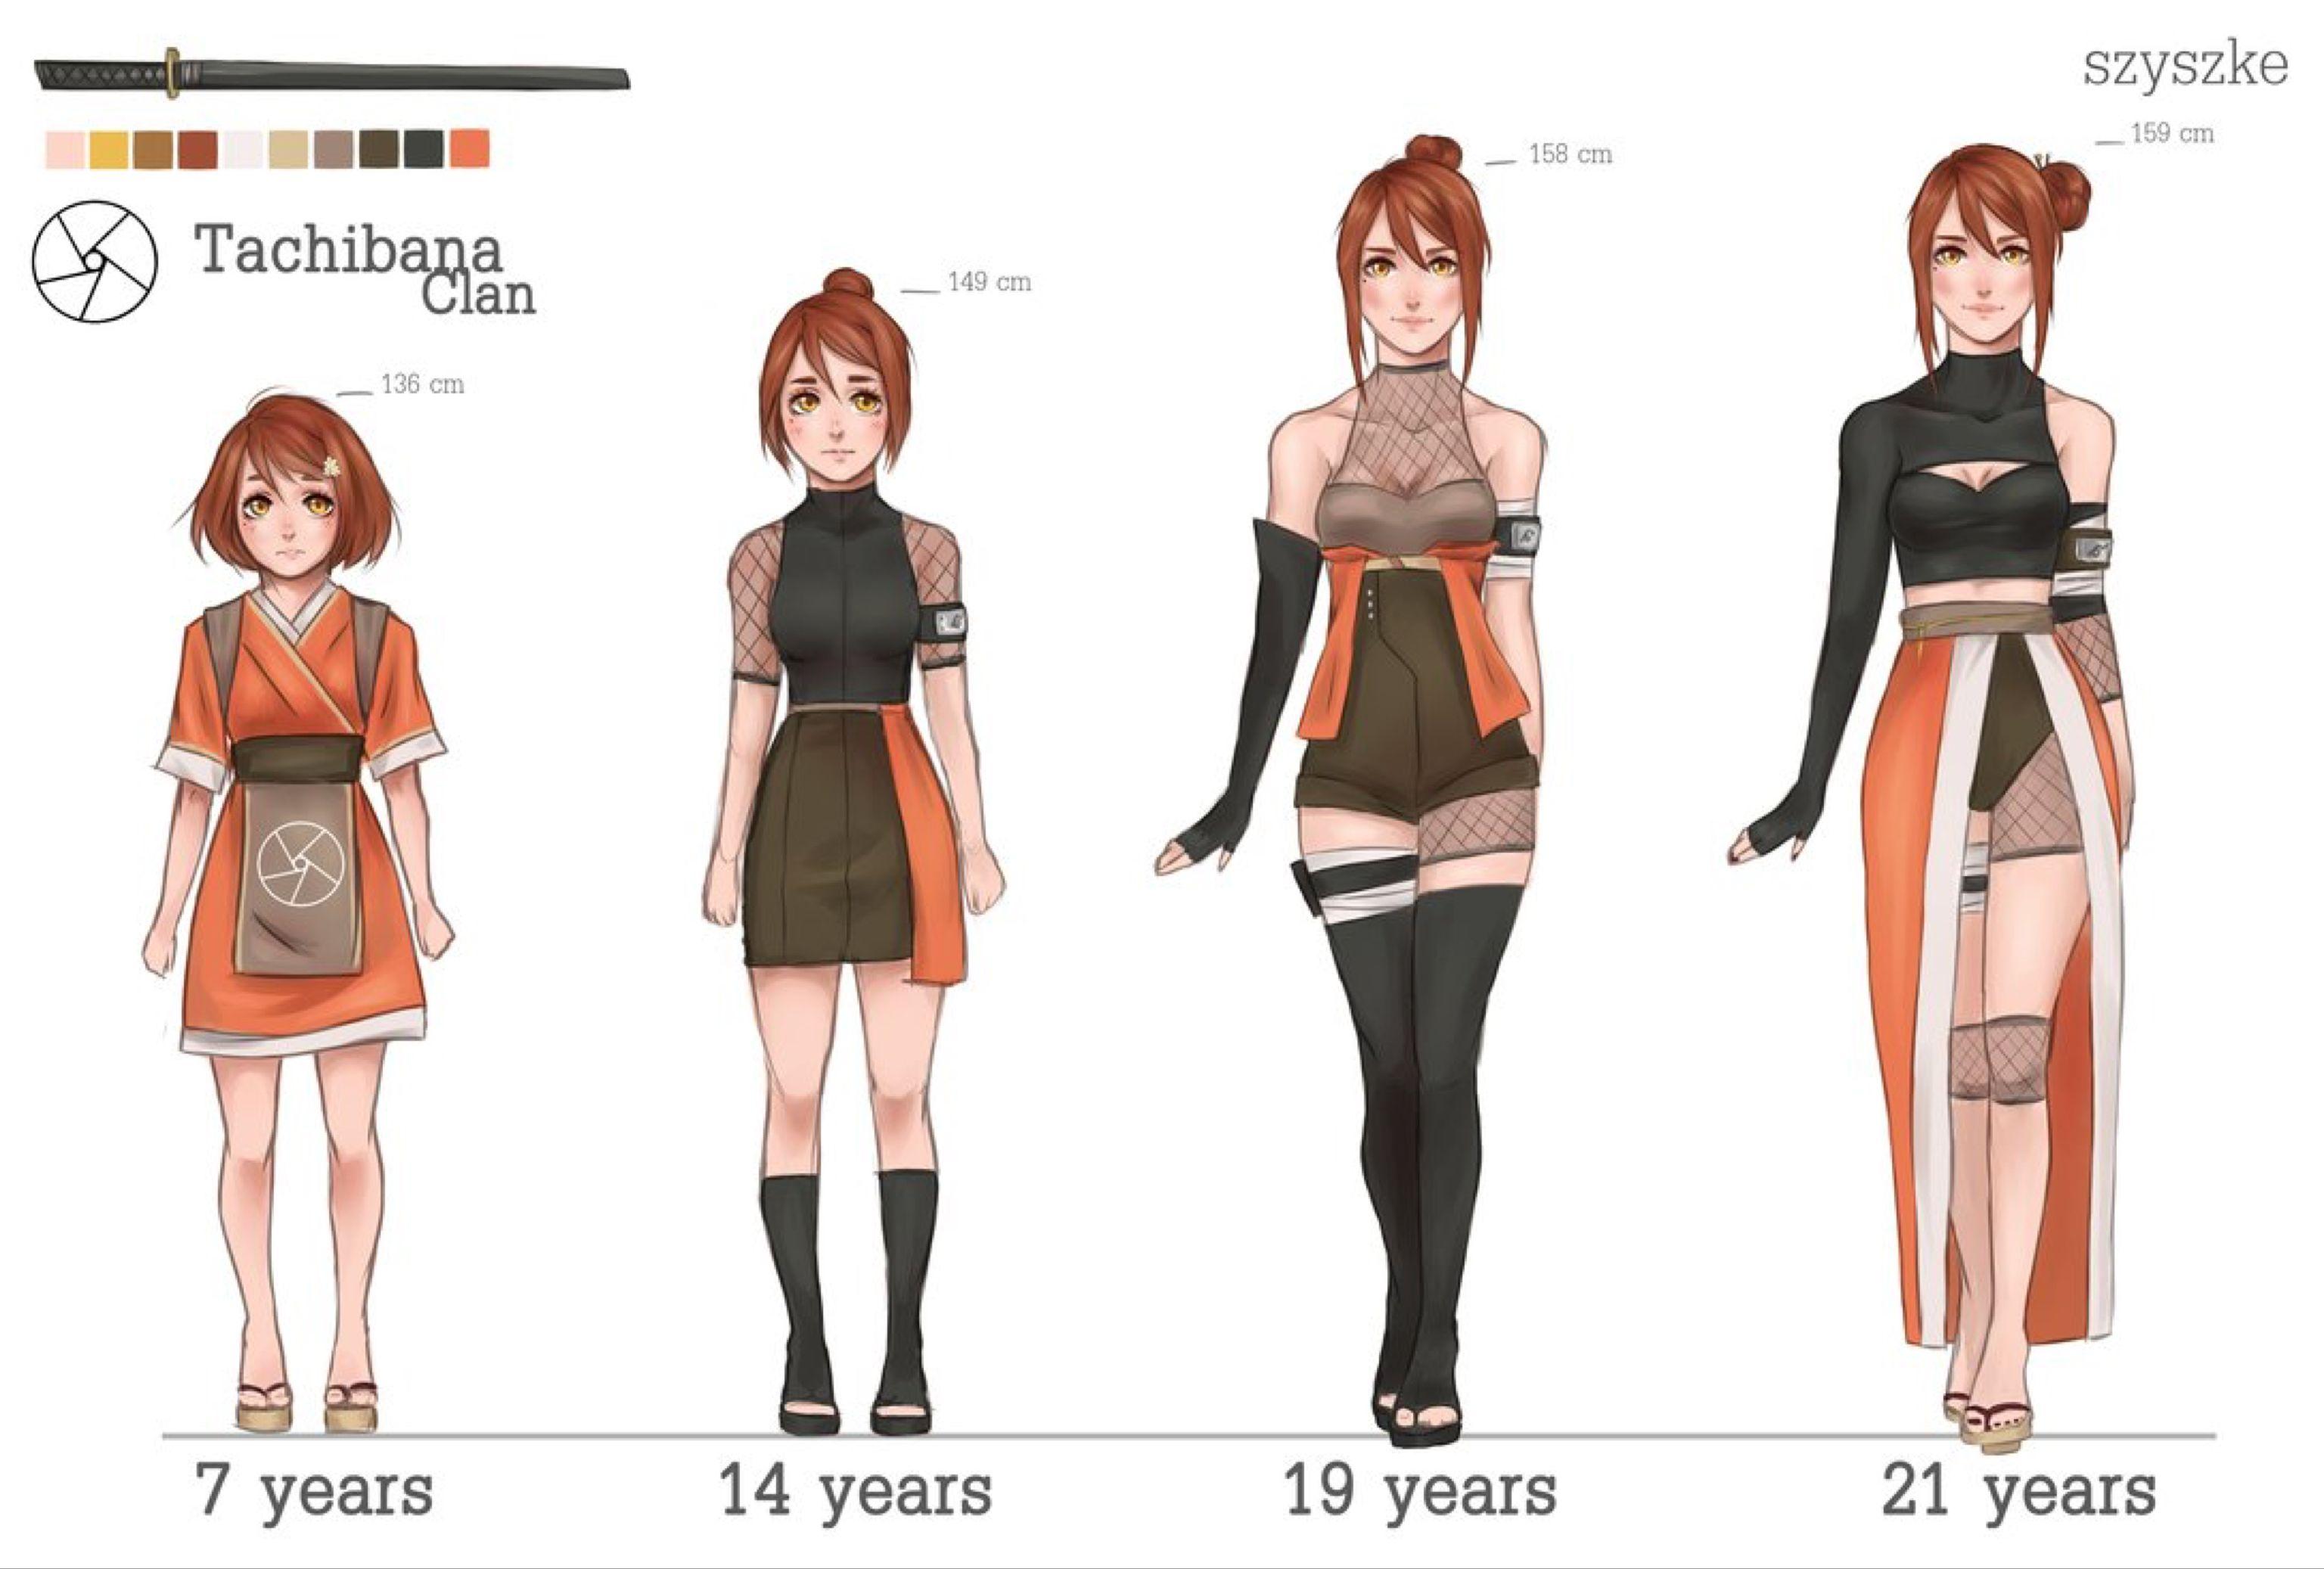 Kohaku Tachibana Timeline by szyszke on DeviantArt